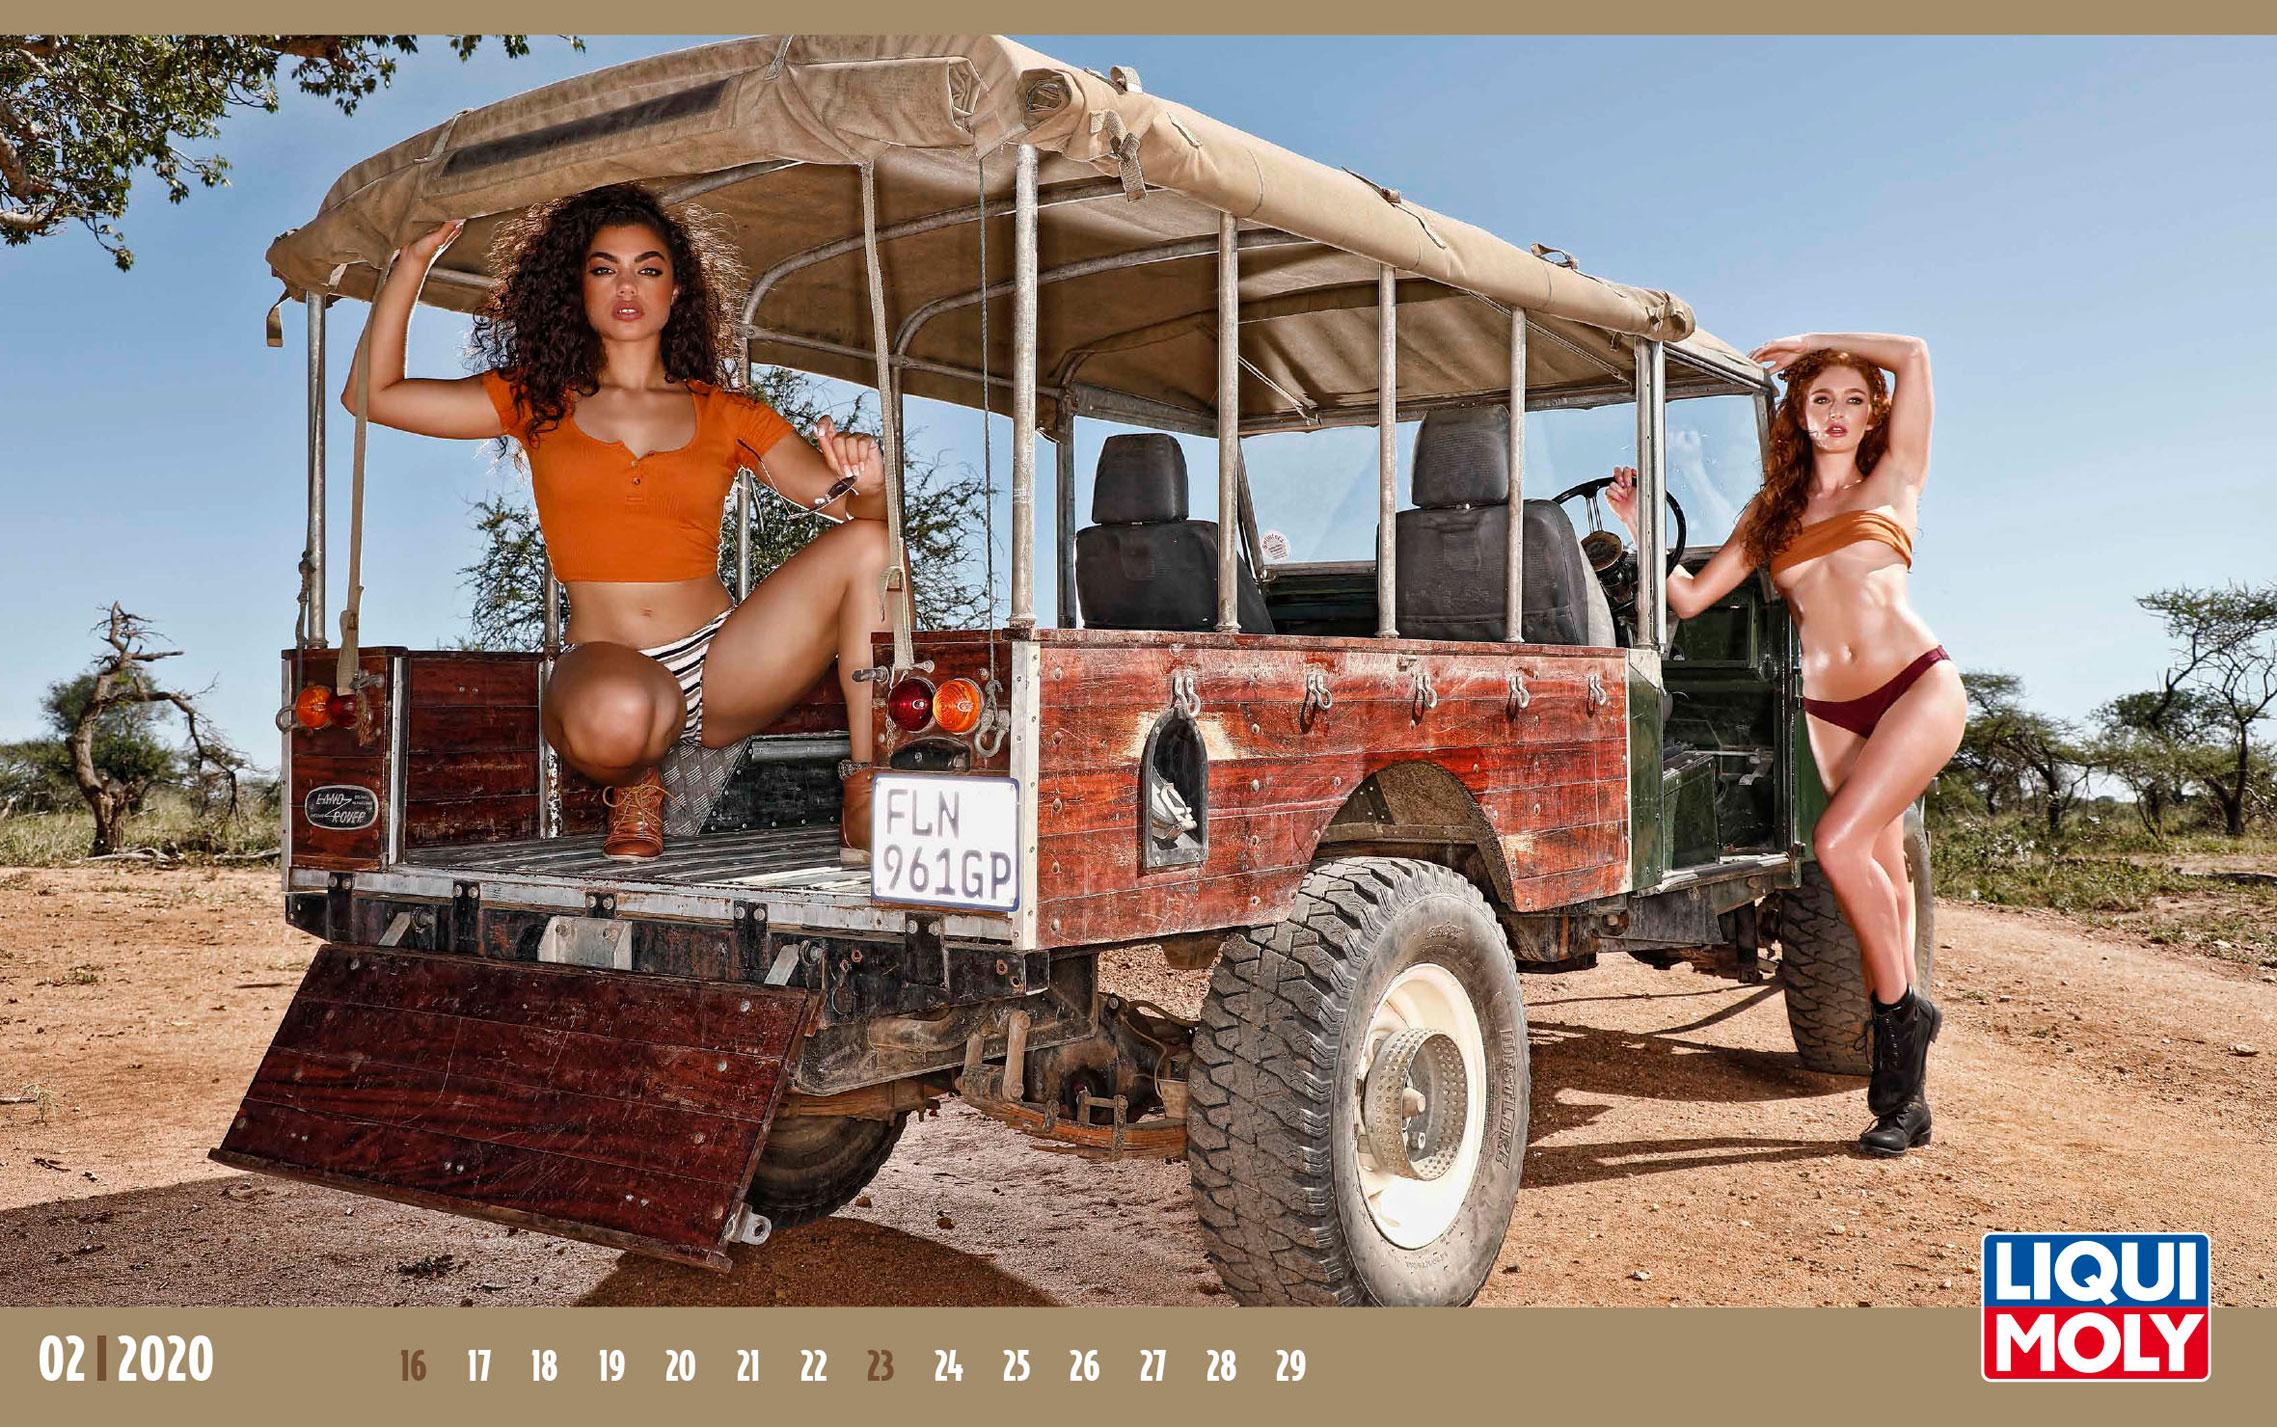 Календарь с девушками автоконцерна Liqui Moly, 2020 год / февраль-2